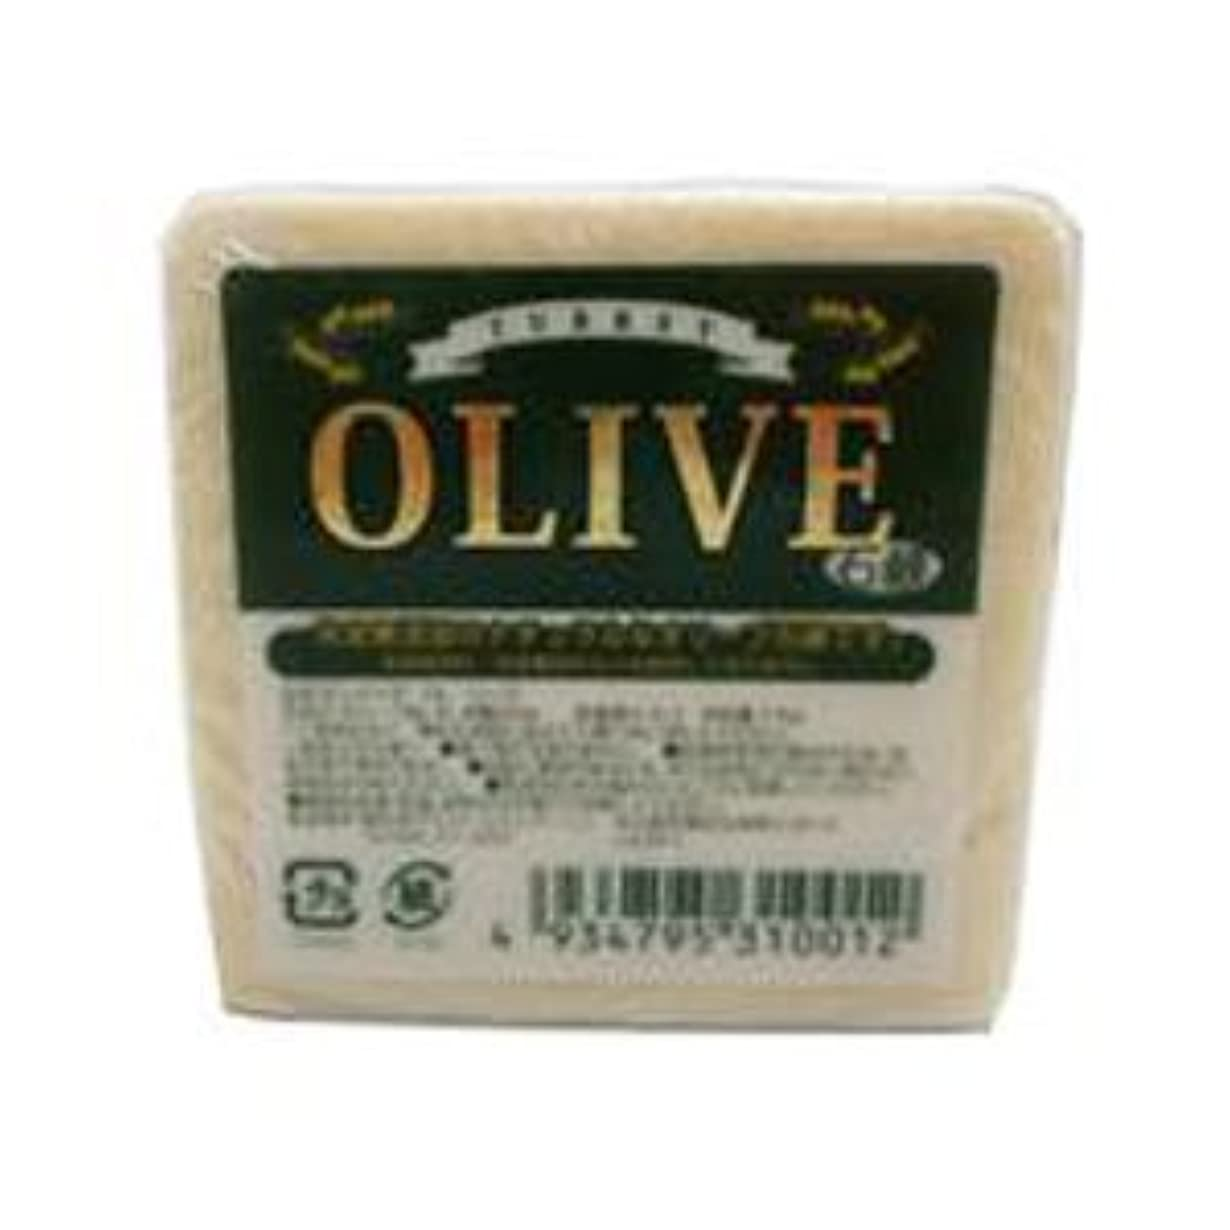 仕事依存に負けるお得な5個セット トルコ産オリーブを使用した無添加石鹸 ターキーオリーブ石鹸 135g